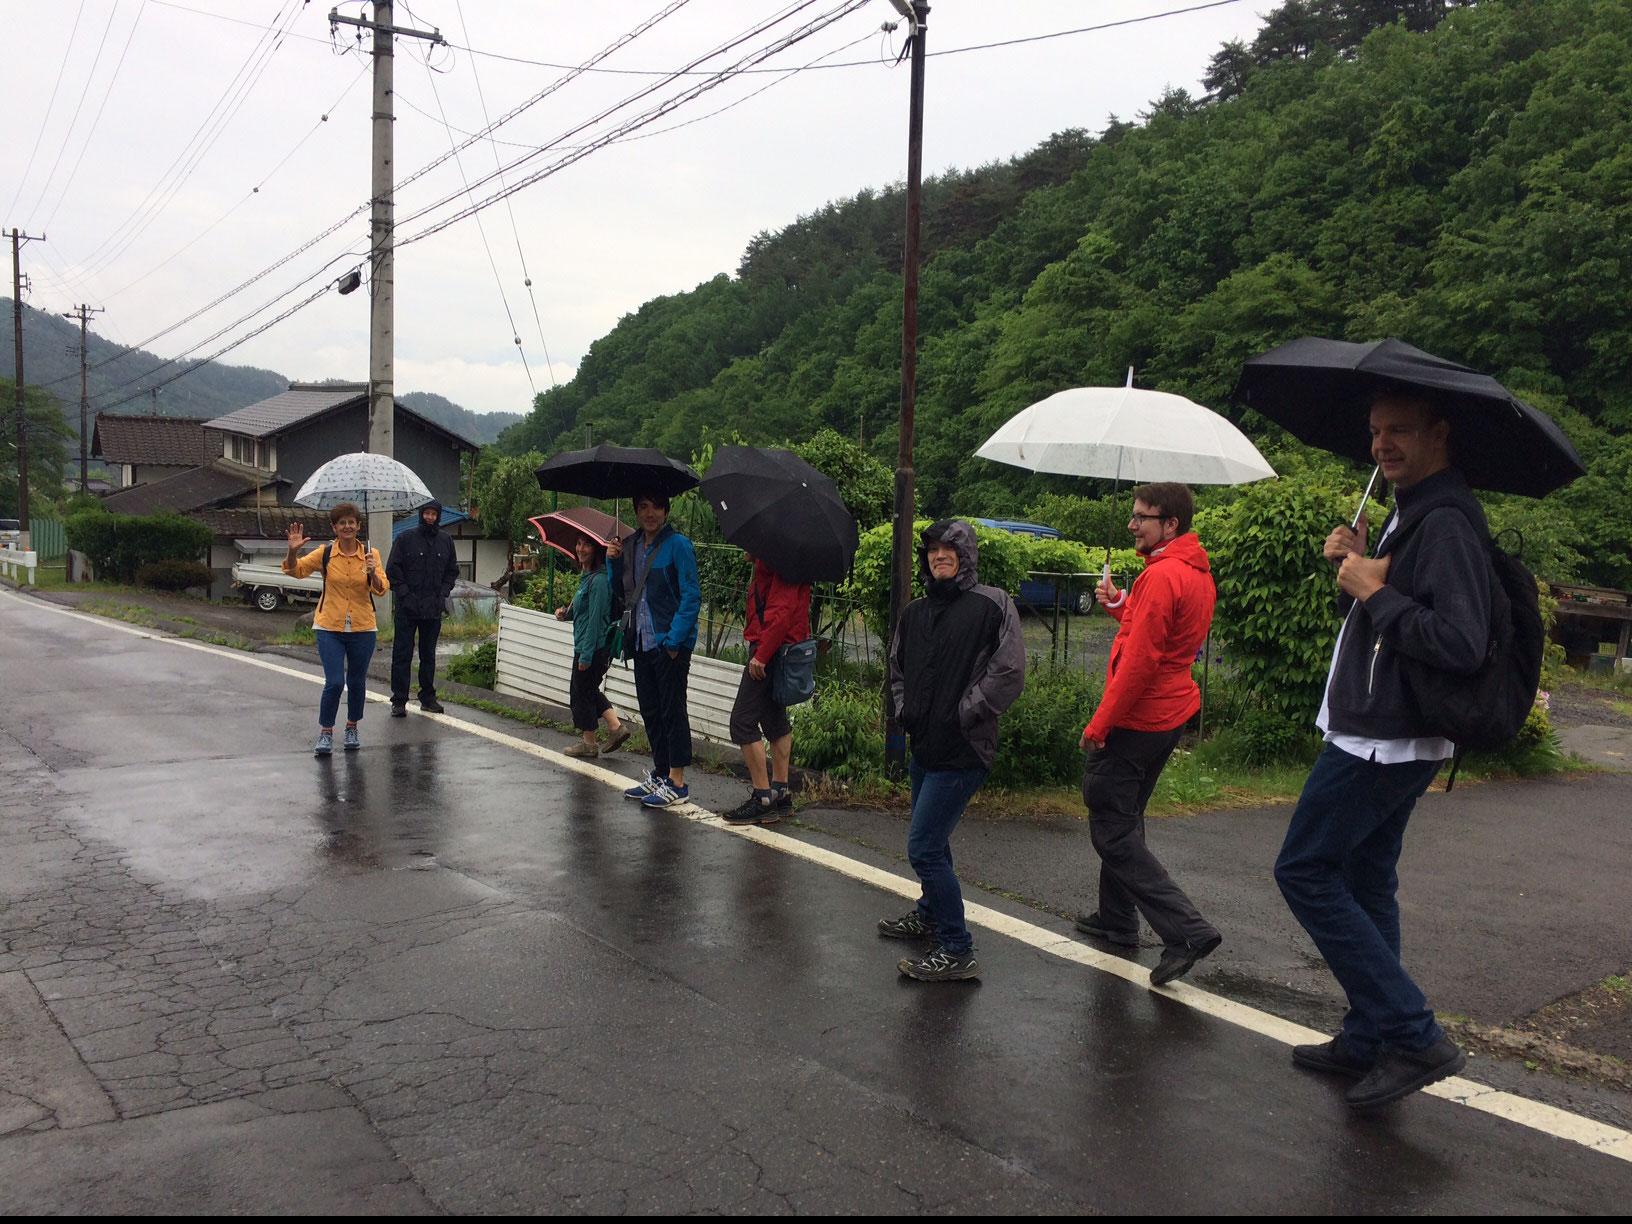 Spaziergang bei leichtem Regen